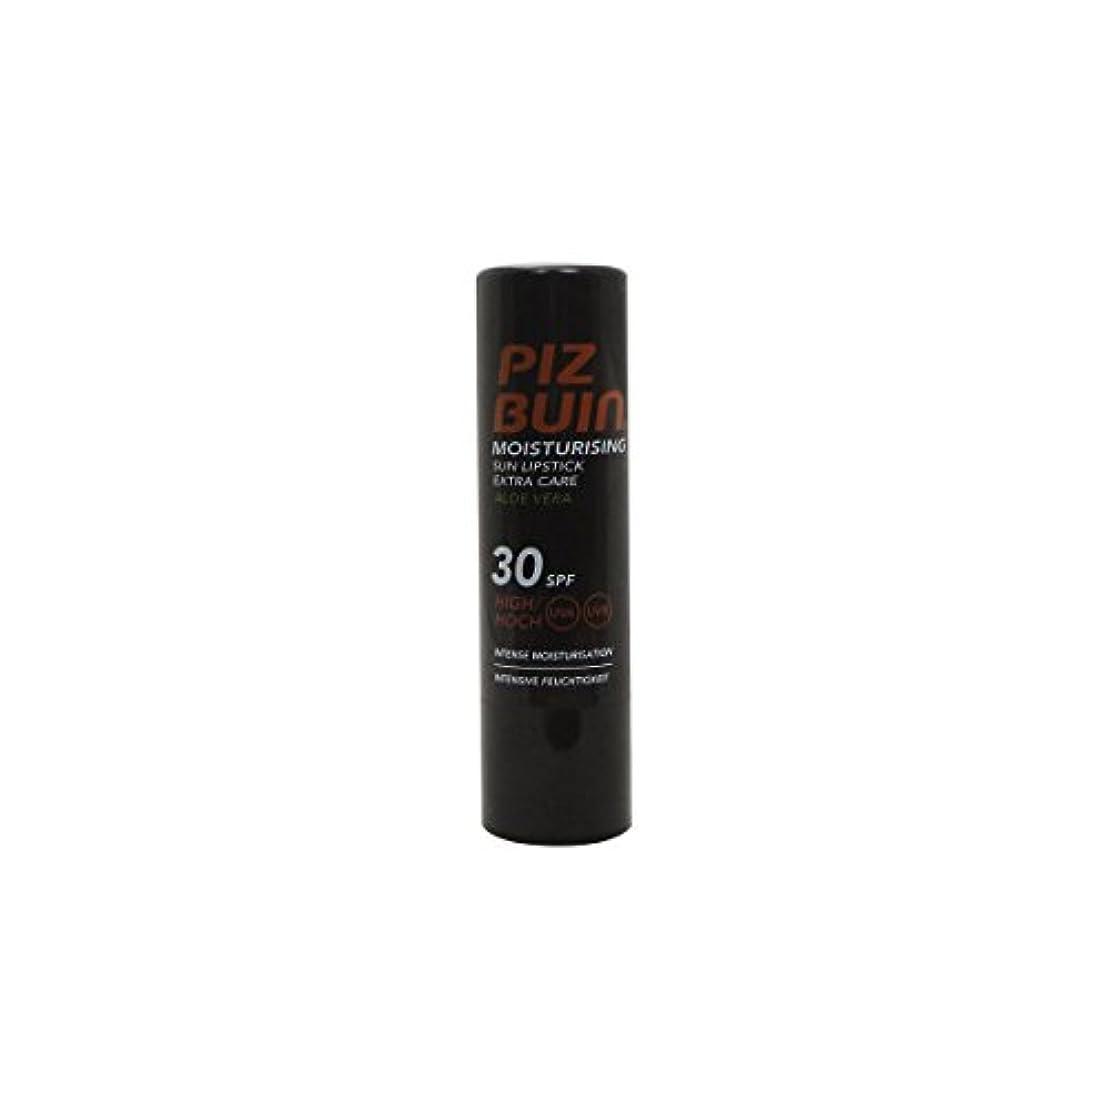 ペレットワイヤーサワーPiz Buin Lipstick Spf 30 Moisturising With Aloe Vera5g [並行輸入品]